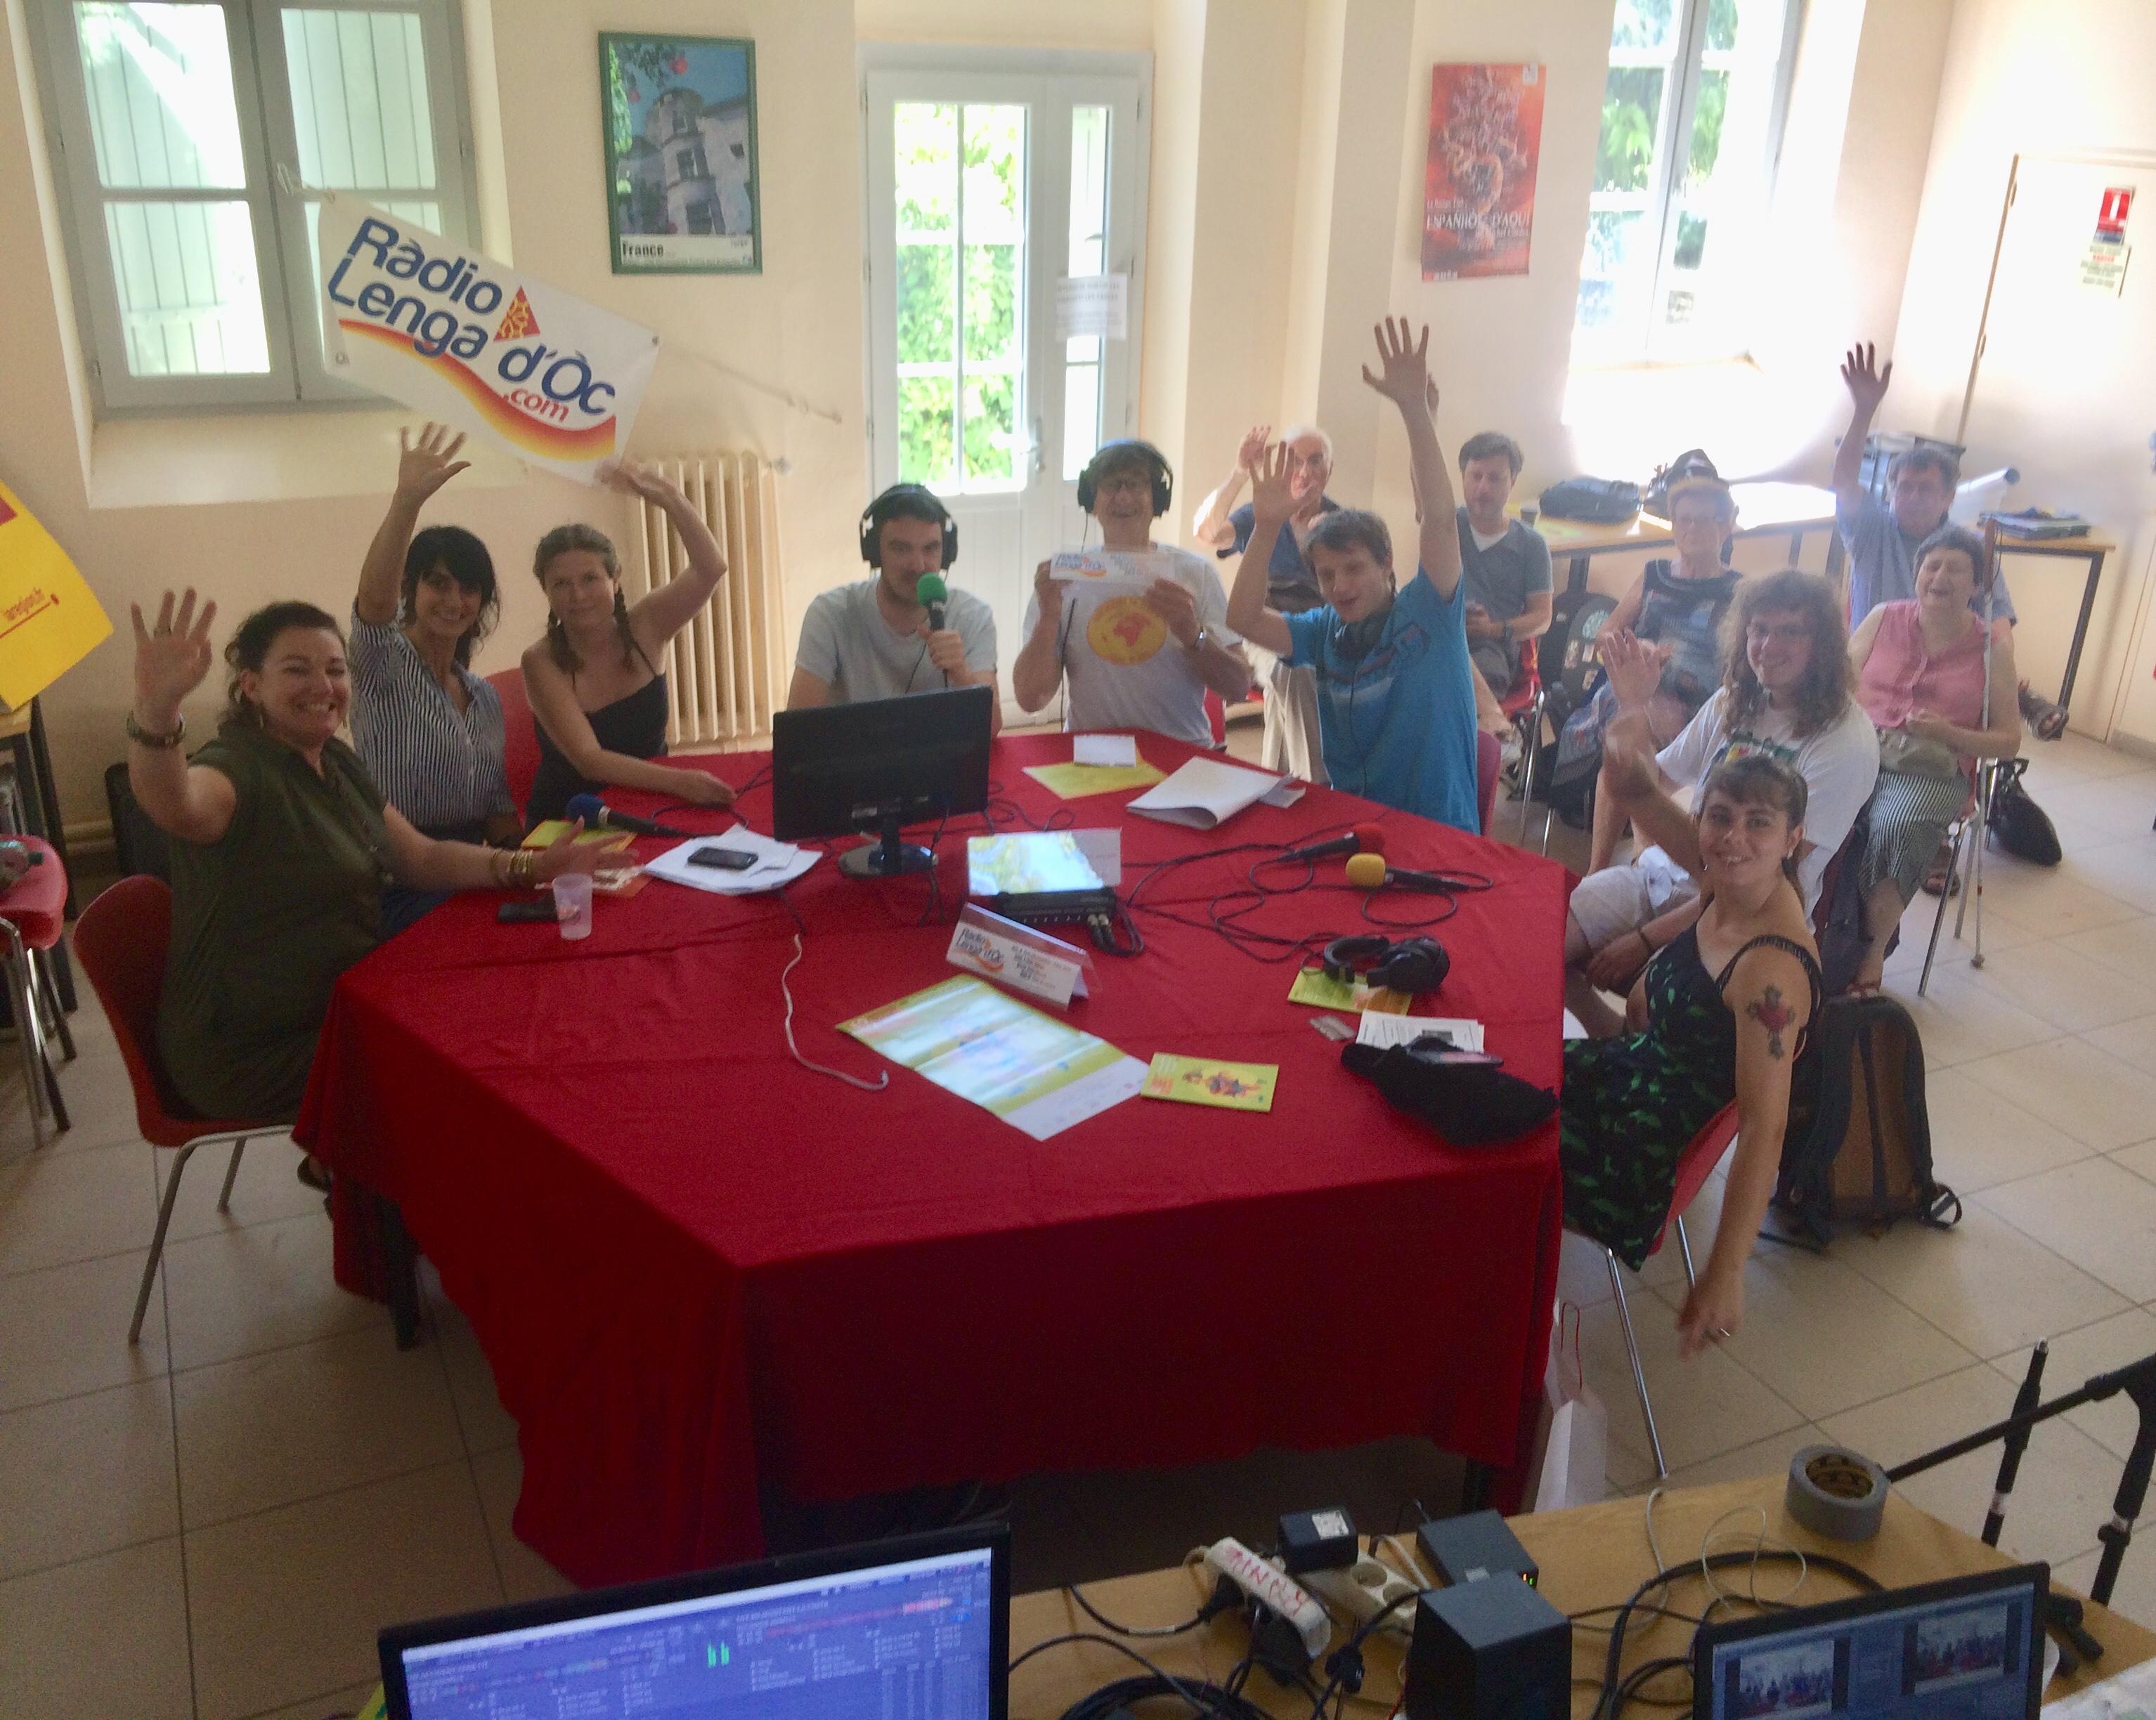 RLO en dirèct de l'Universitat Occitana d'Estiu de Nimes en julhet 2018